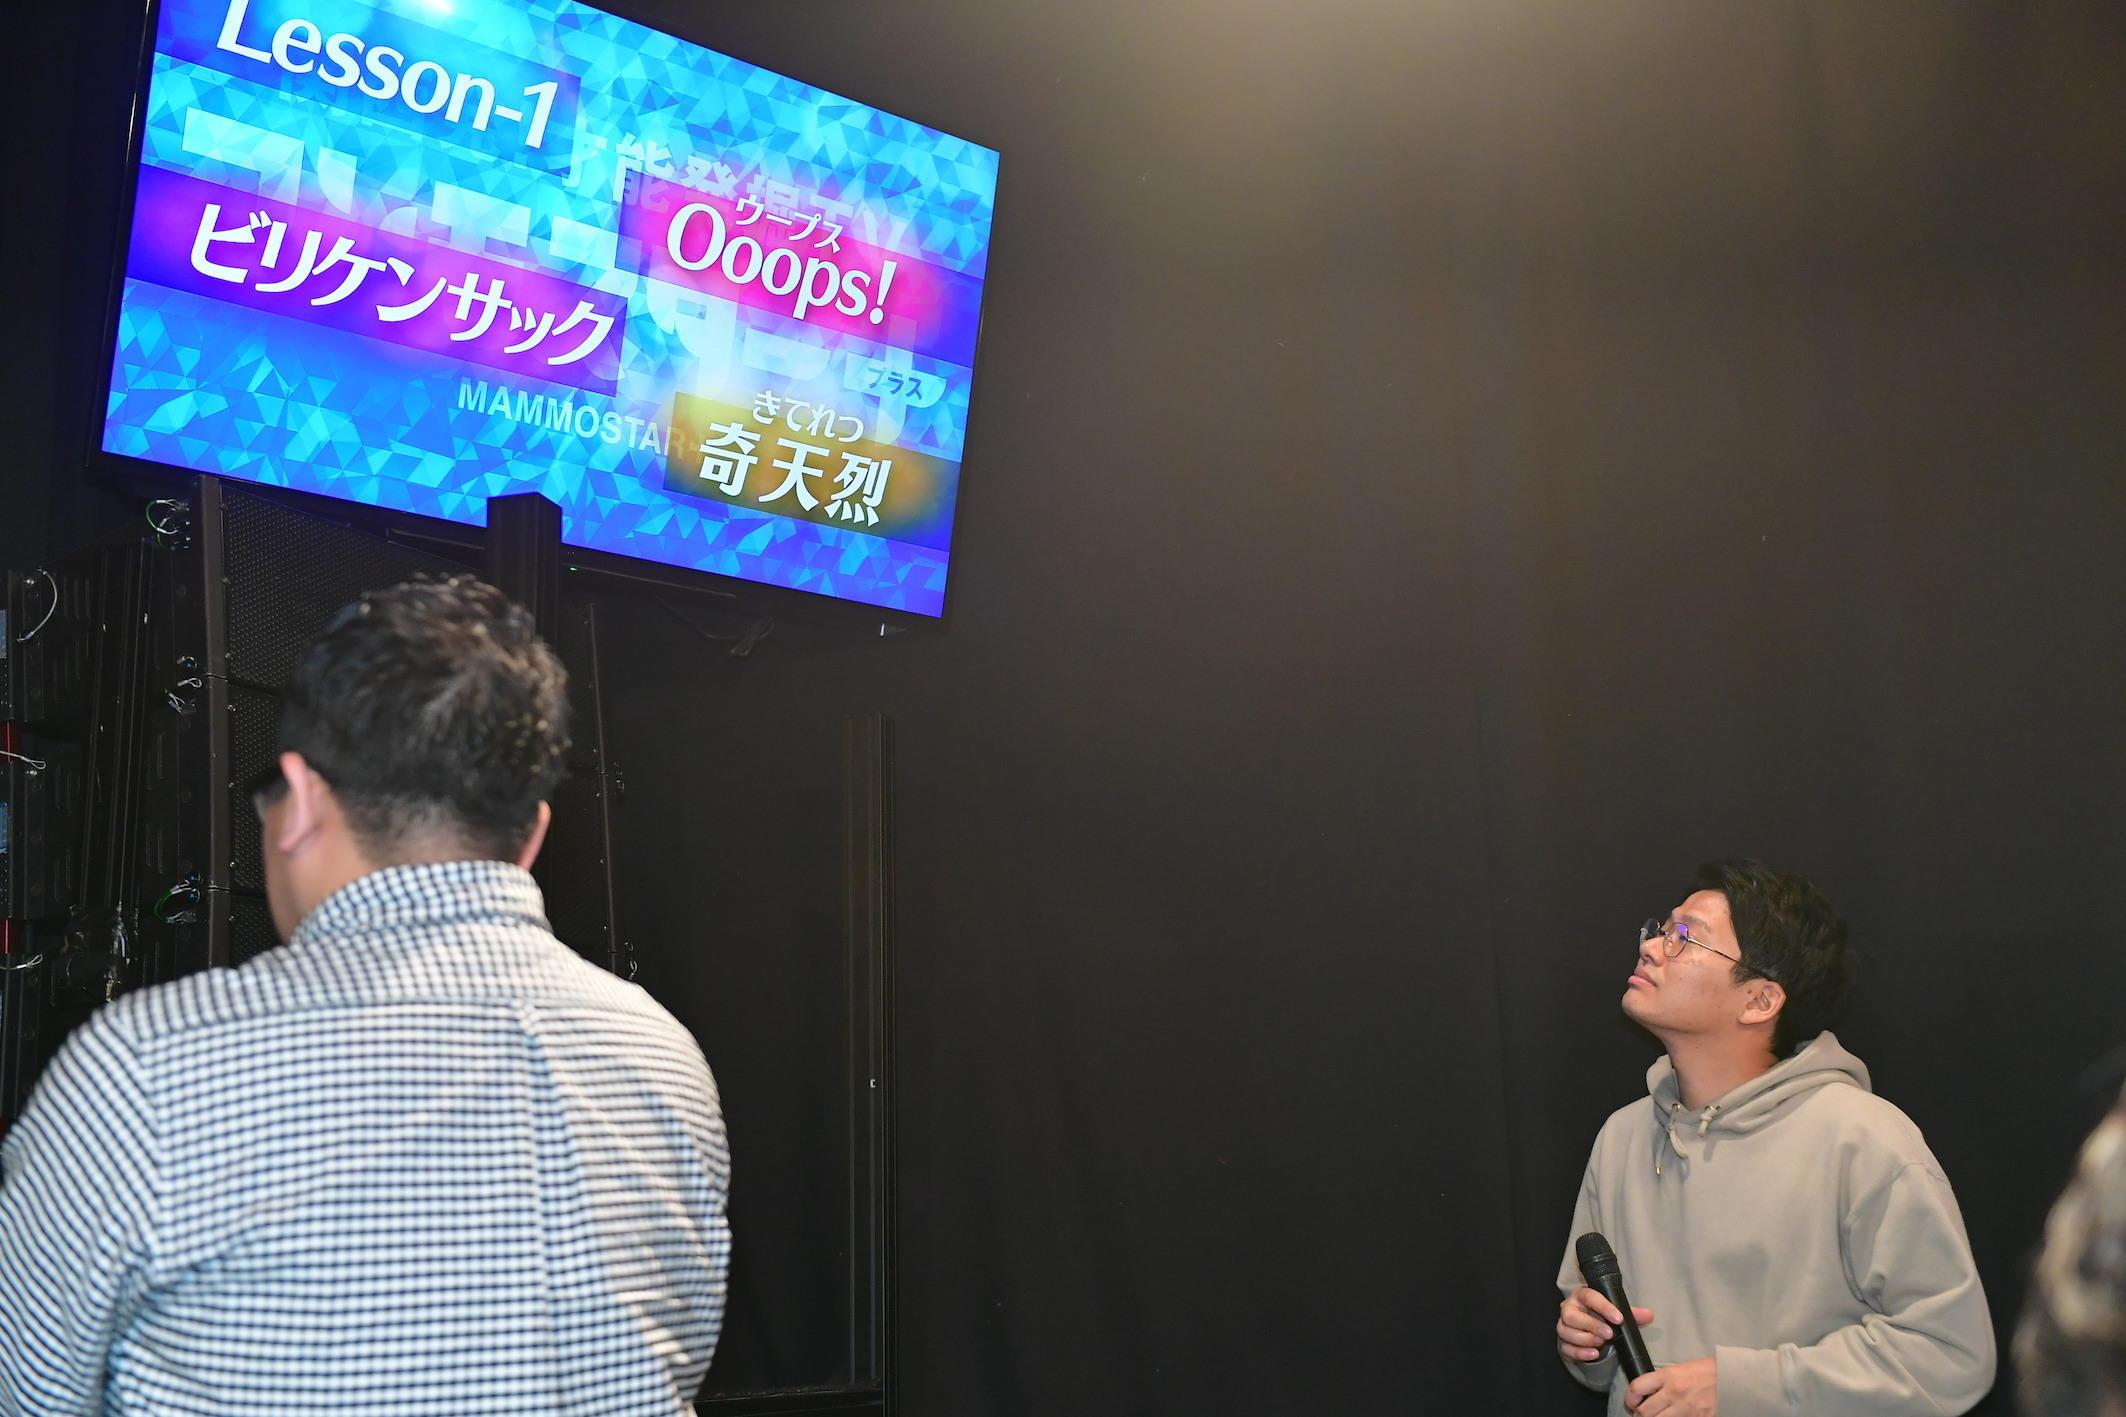 http://news.yoshimoto.co.jp/20190131105753-20a94f32ea60d7c180825a3f25c5f85e4562b704.jpg